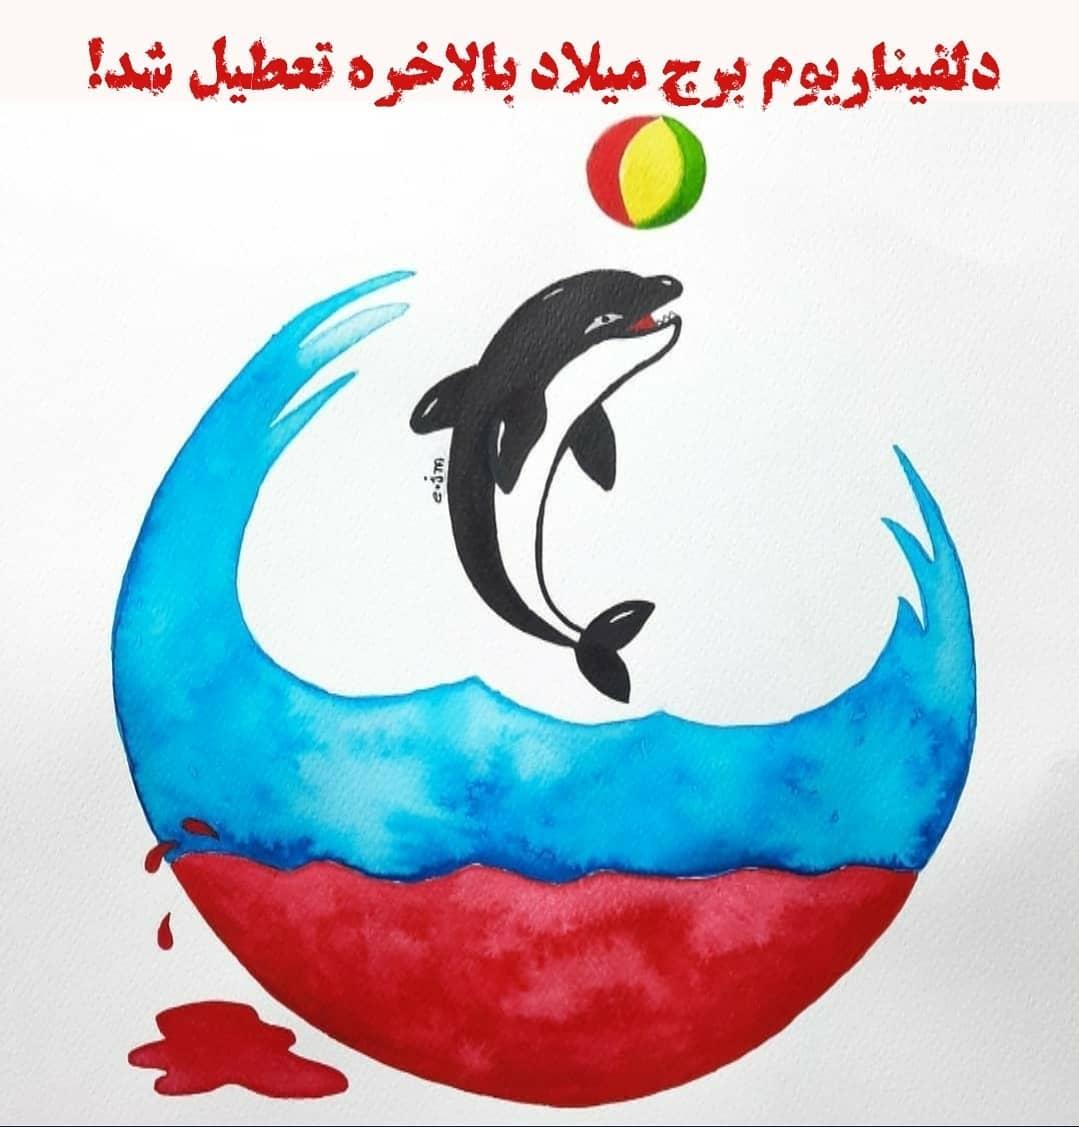 دلفیناریوم برج میلاد تهران رسماً تعطیل و دو پستاندار دریایی آن به جای دیگری منتقل خواهند شد.